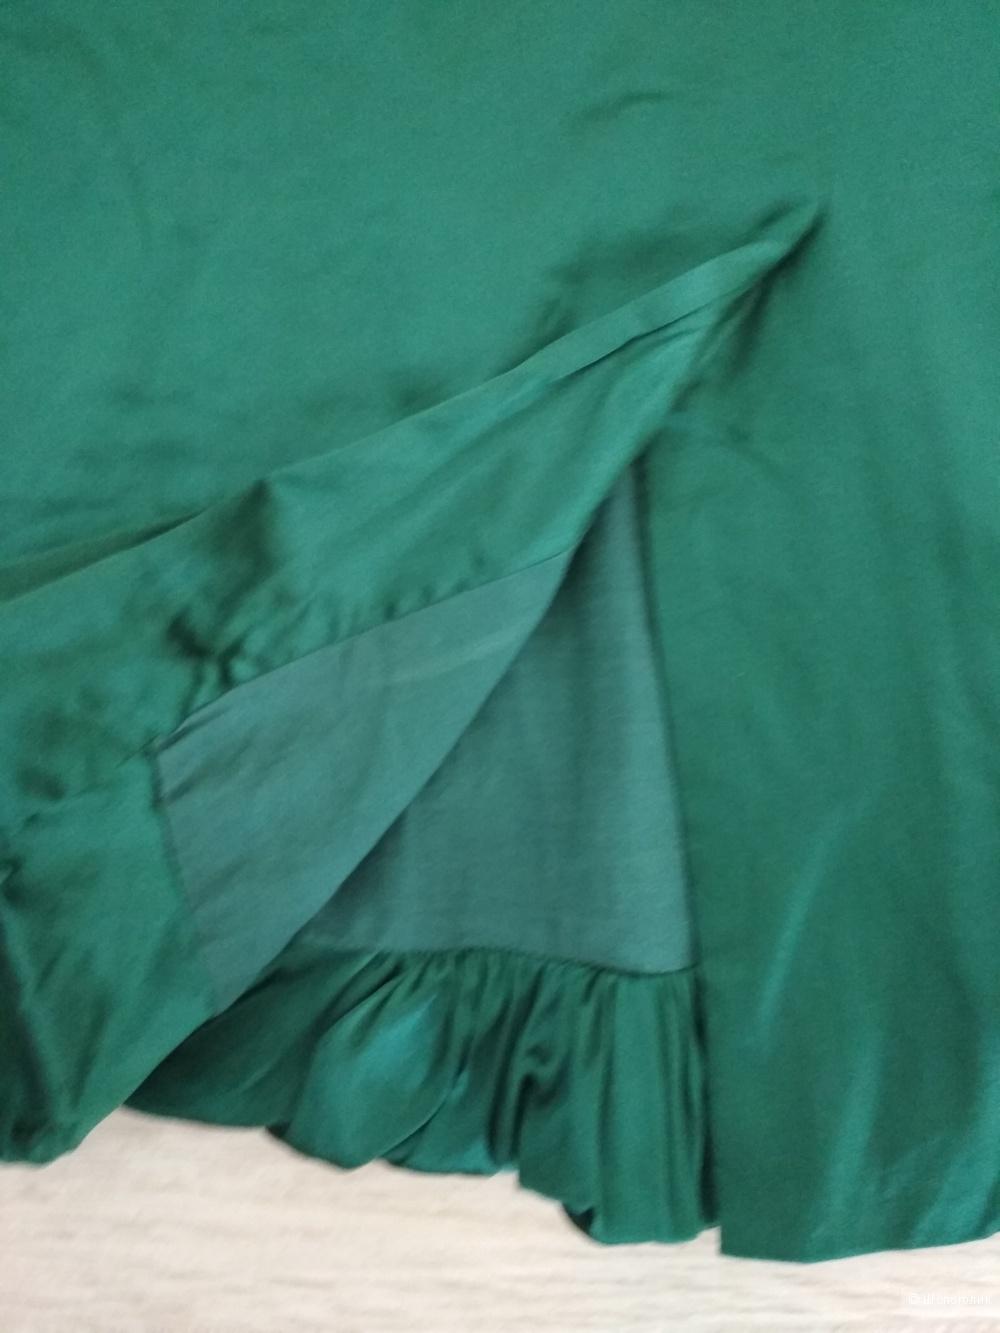 Сет из юбки и топа, 100 % шелк, р. 44-46